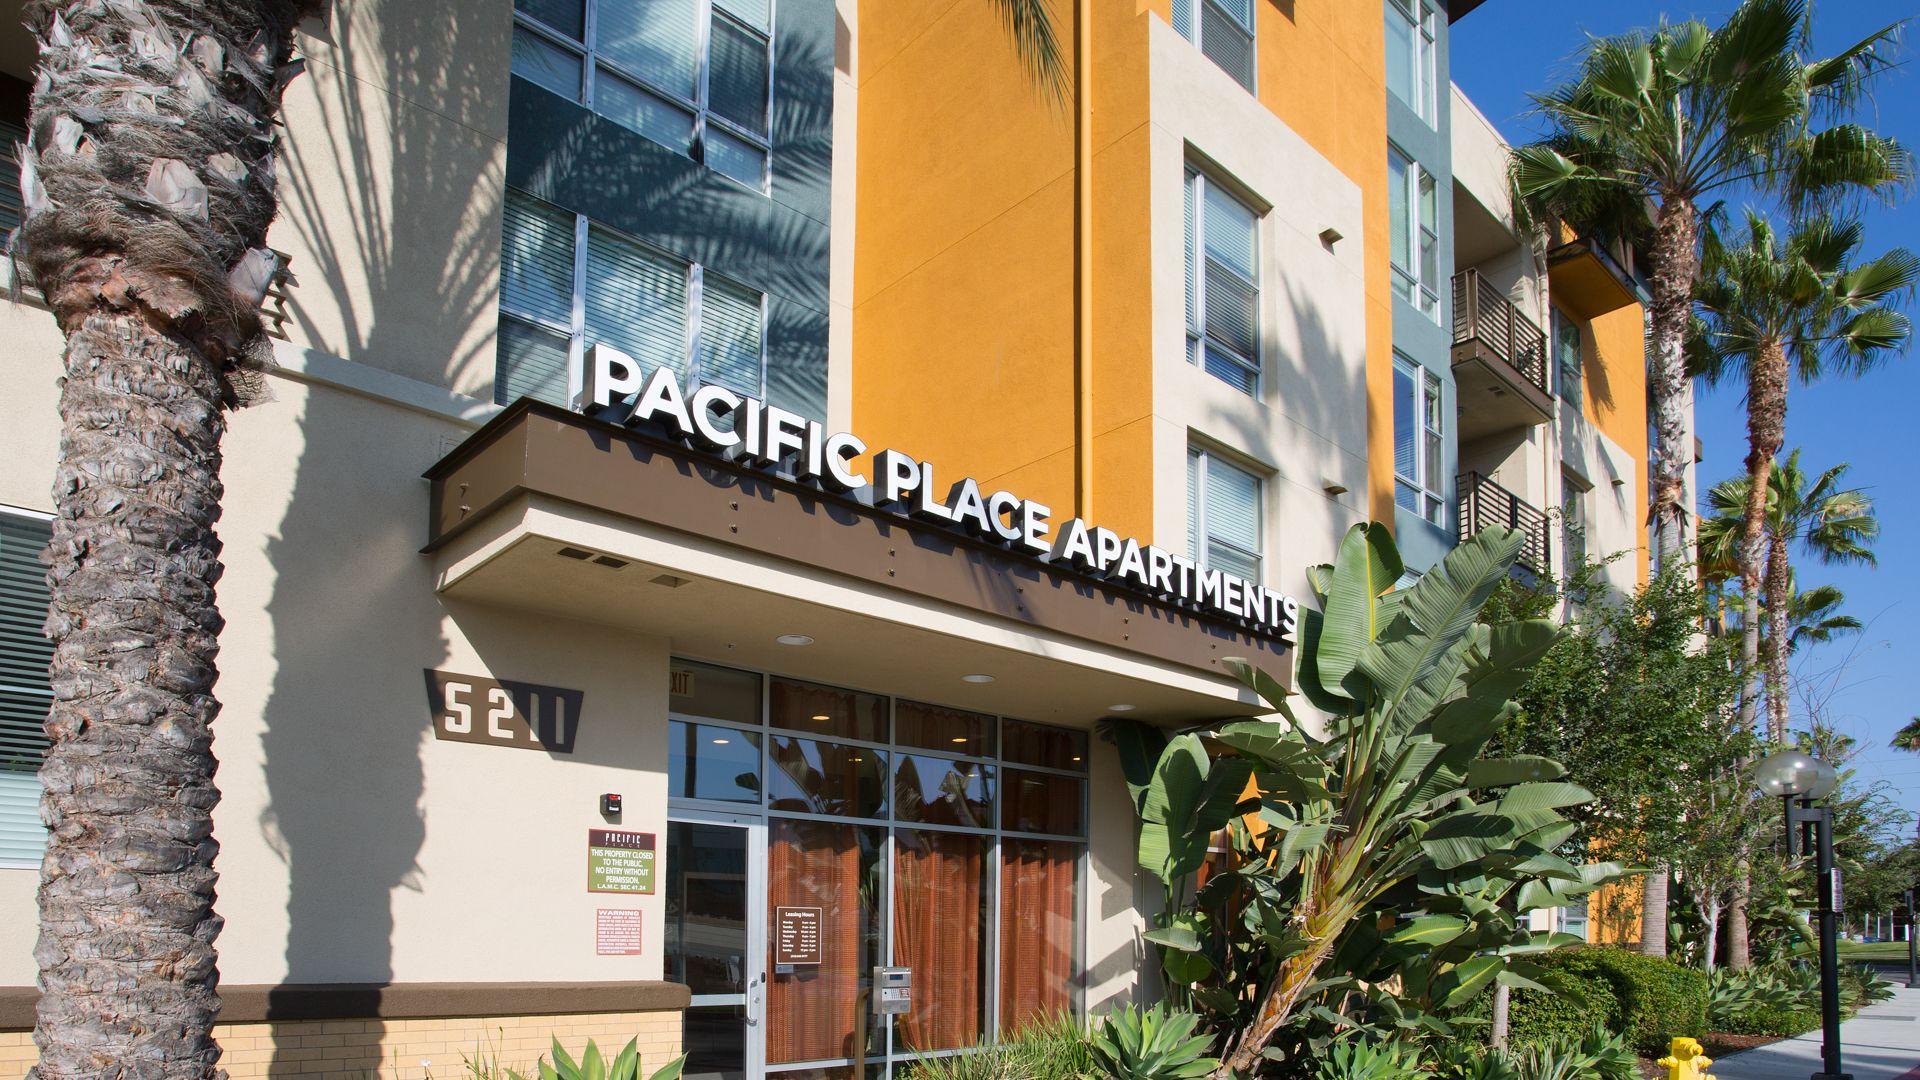 Pacific Place Apartments - Entrance